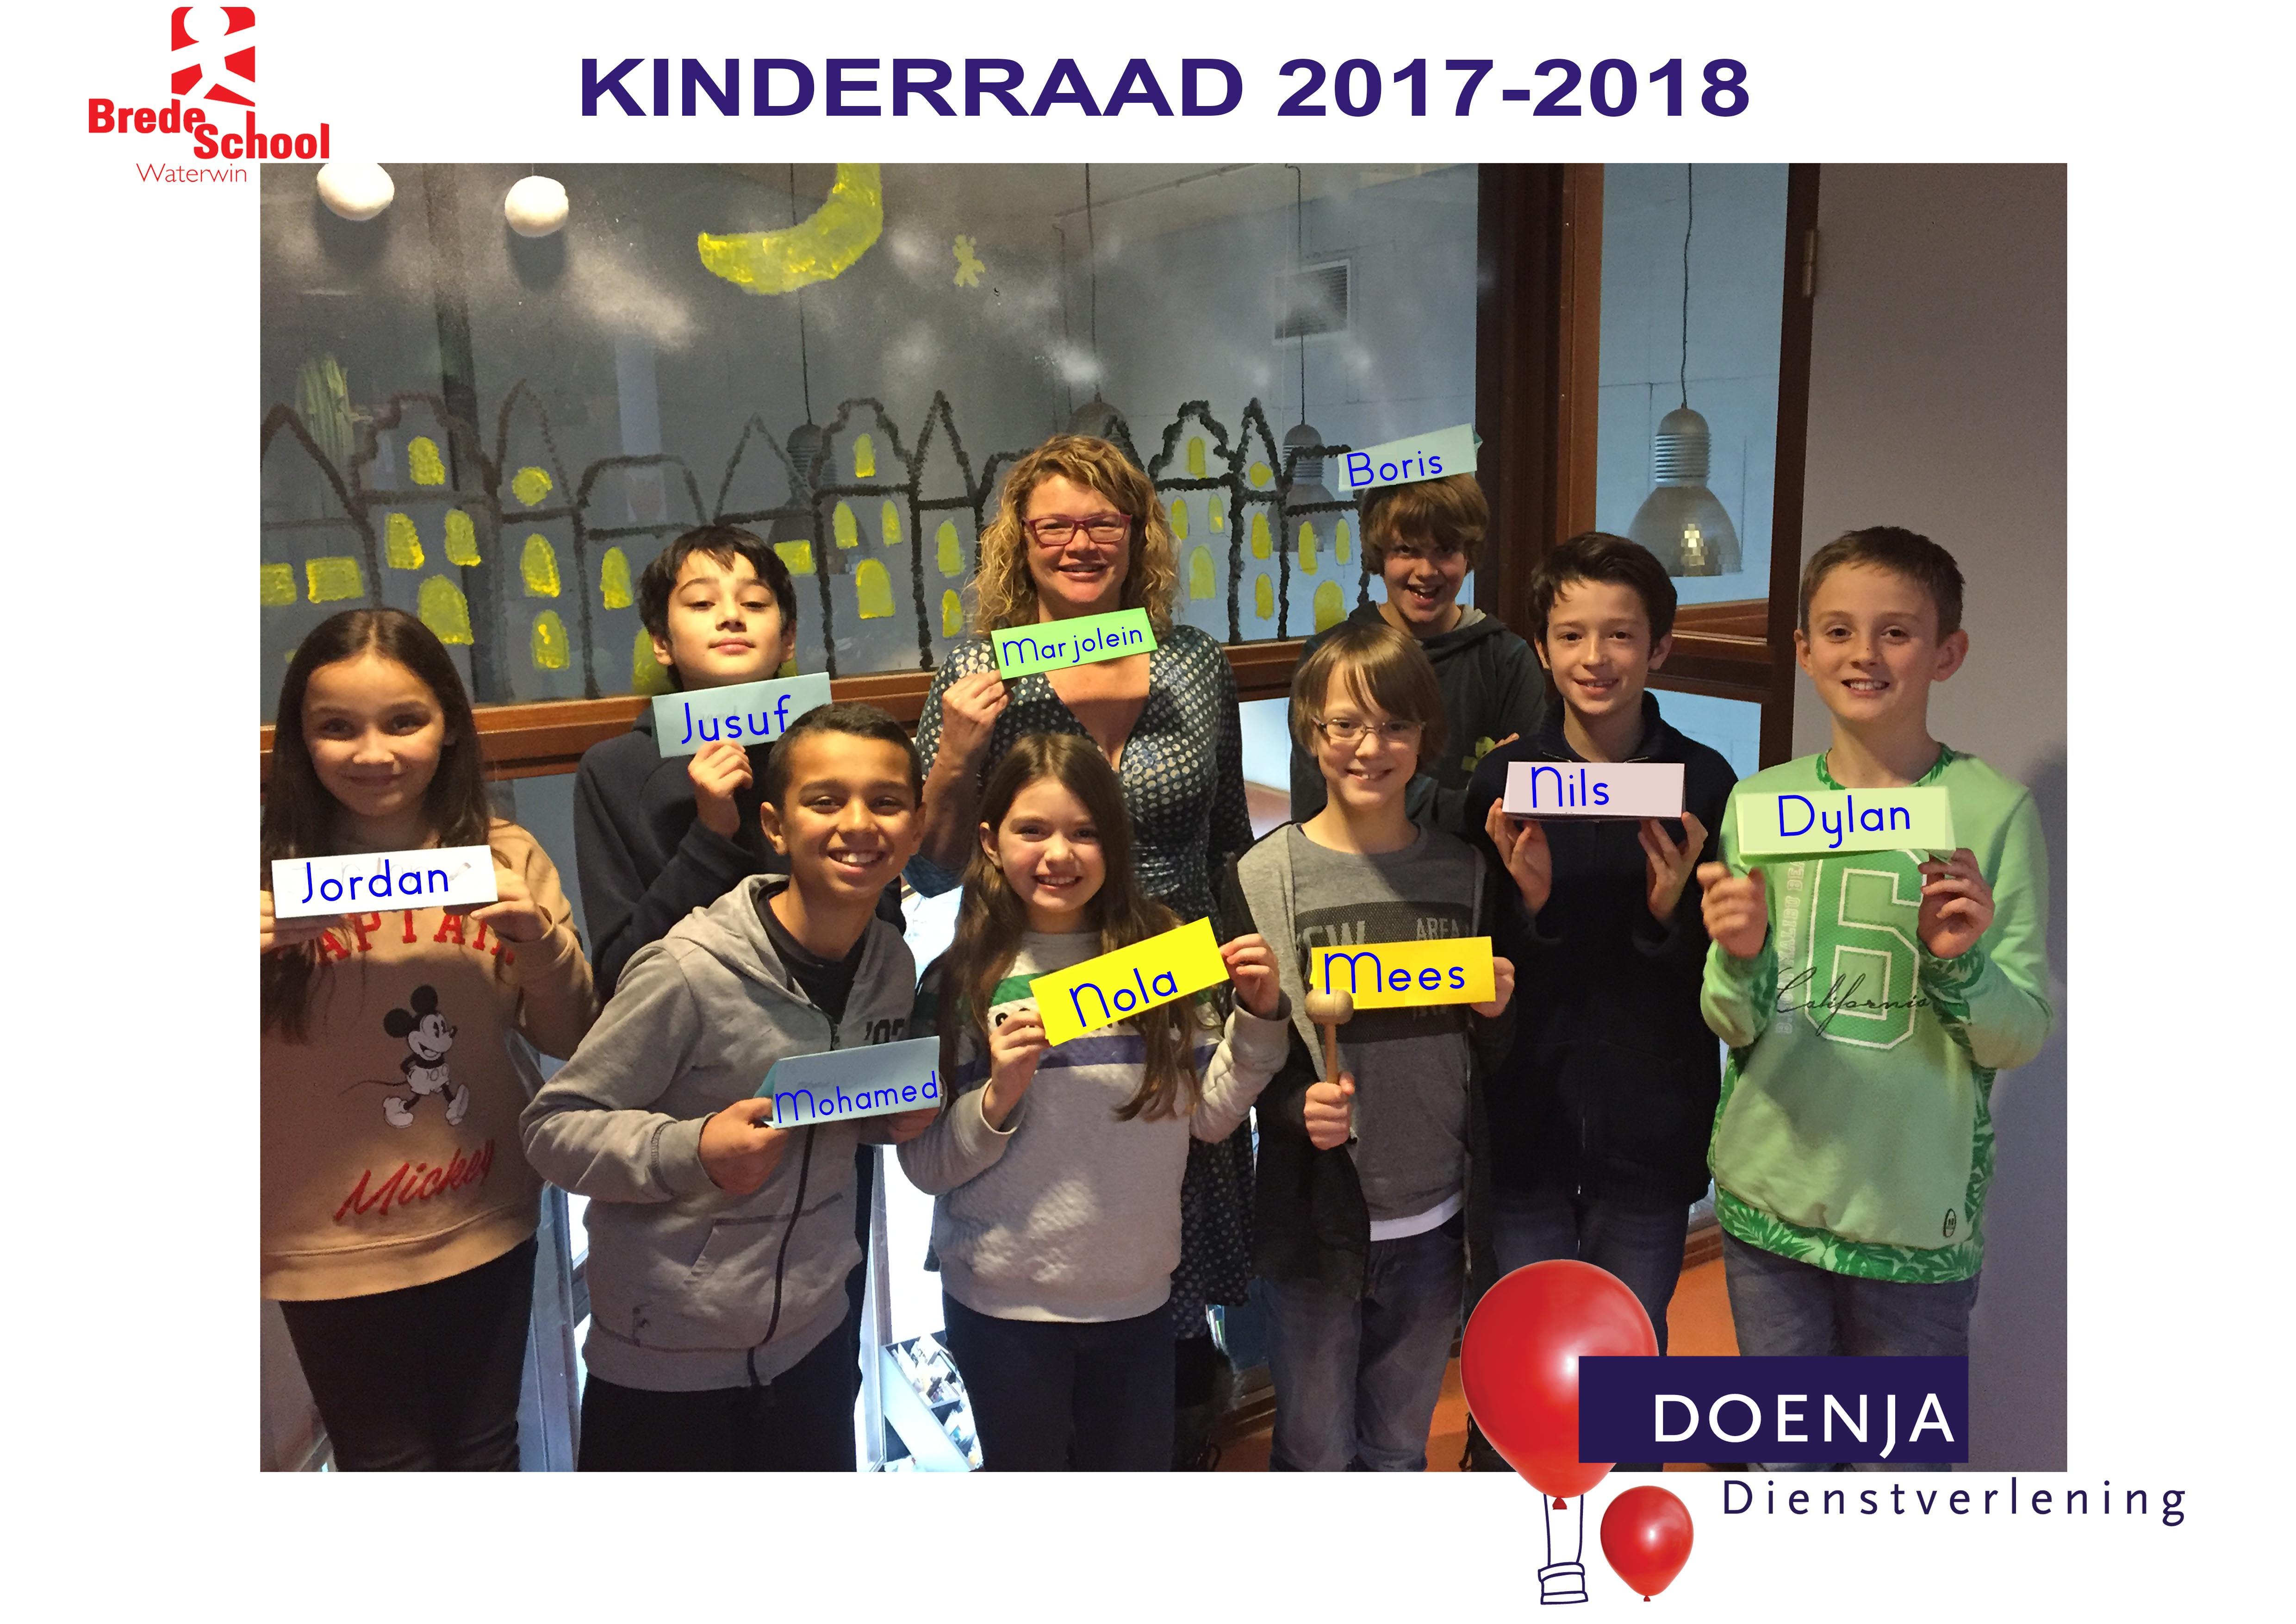 Kinderraad 2017-2018 klein